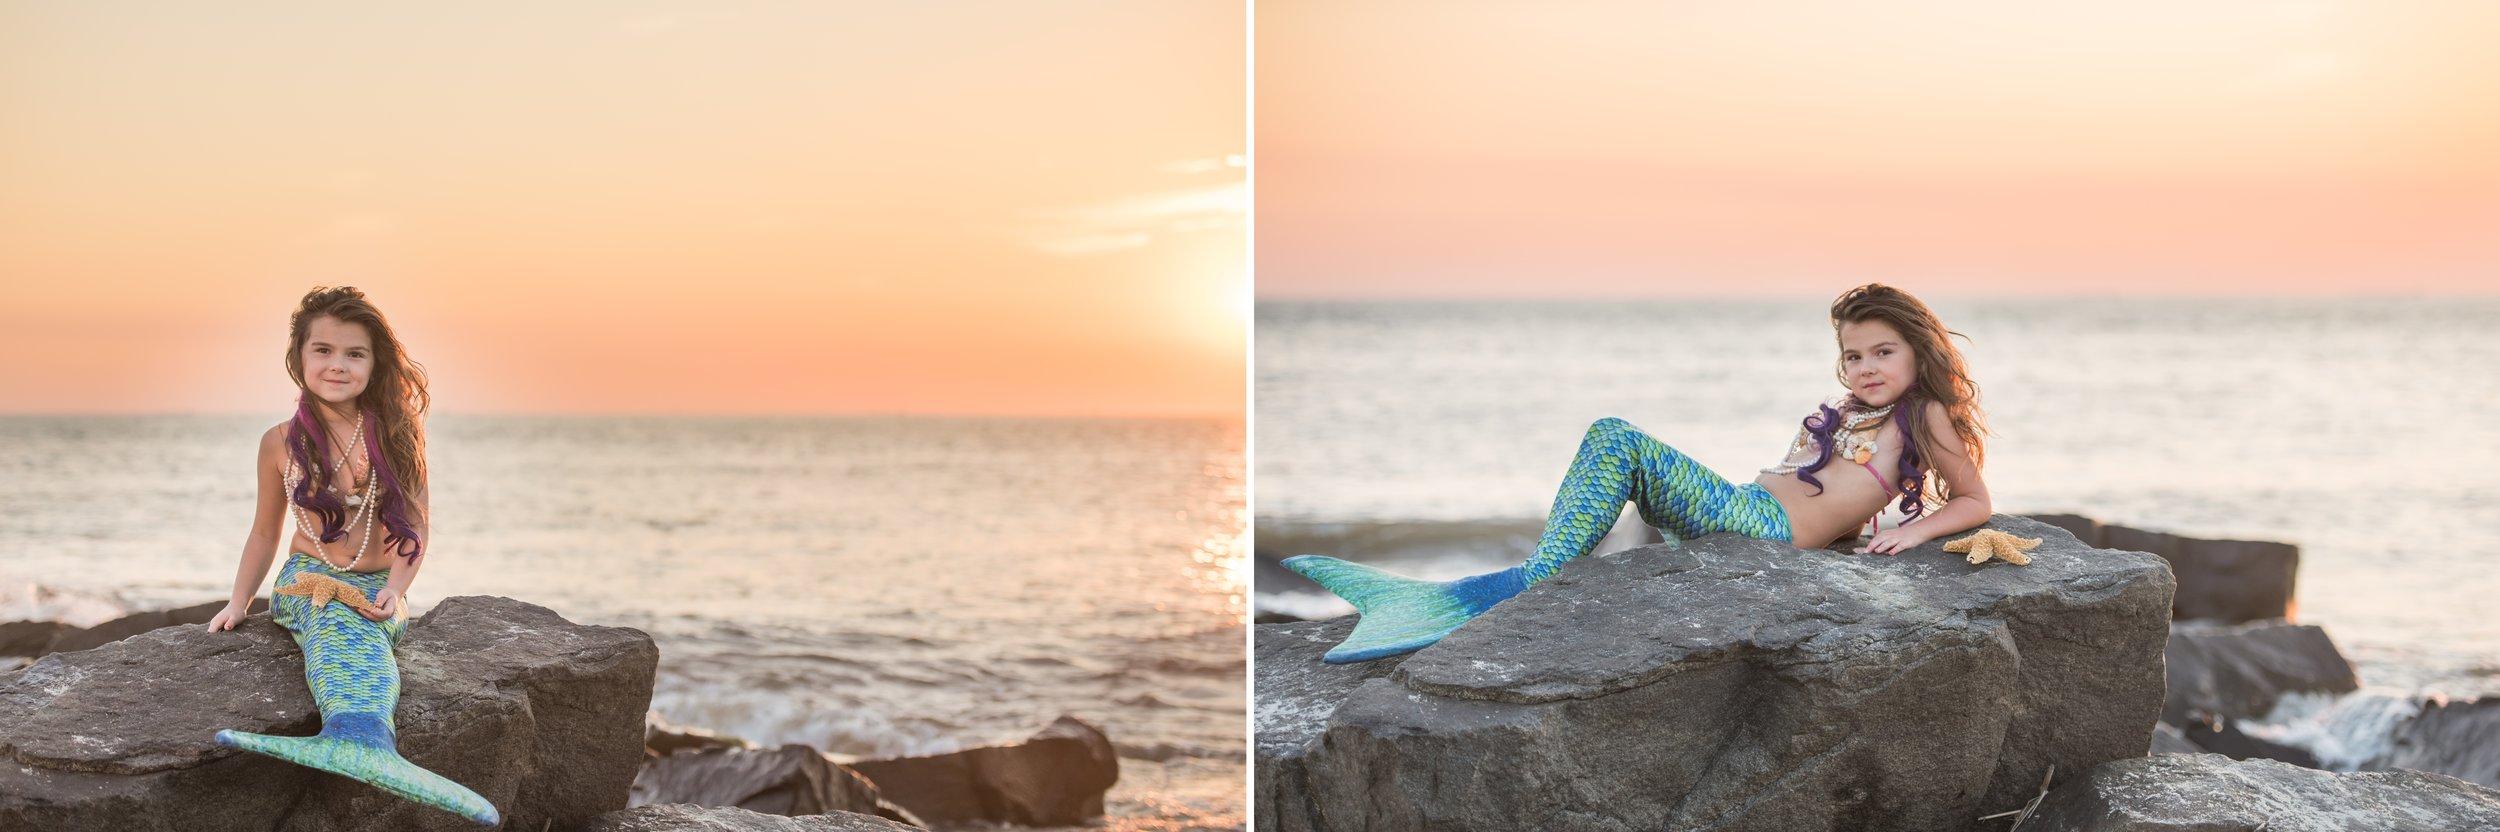 lauren mermaid 6.jpg